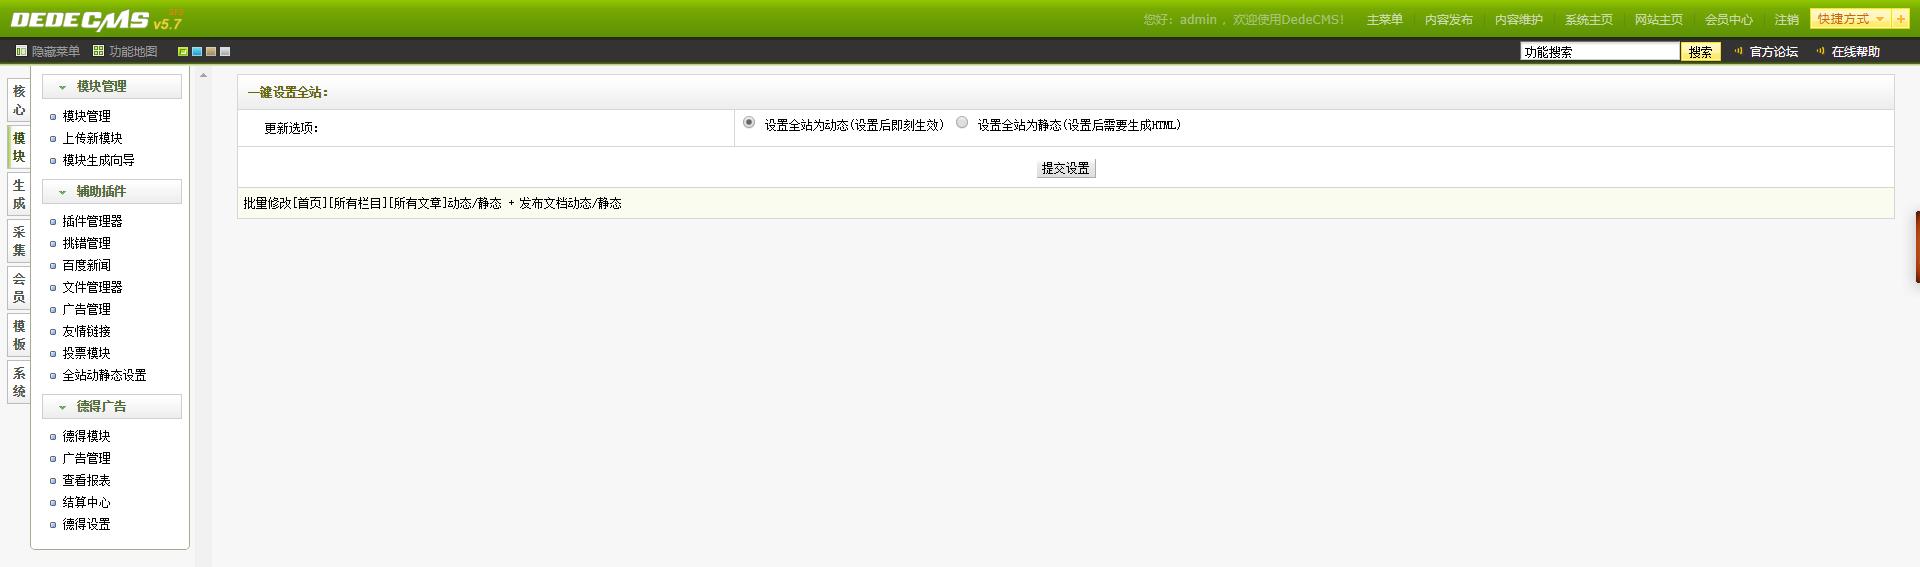 织梦dedecms全站动静态设置插件(UTF-8/GBK)